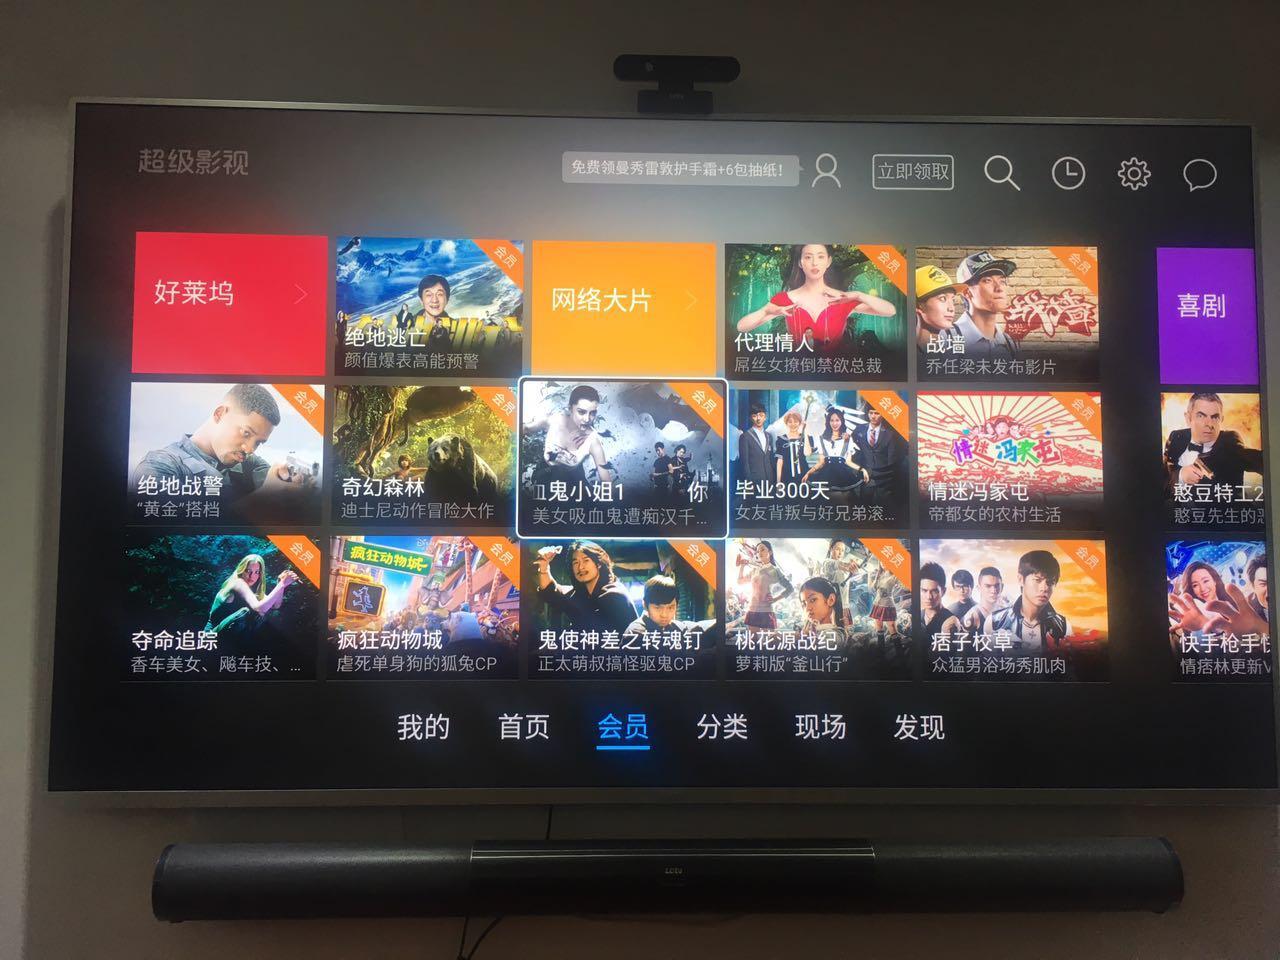 乐视会员频道网络电影推荐